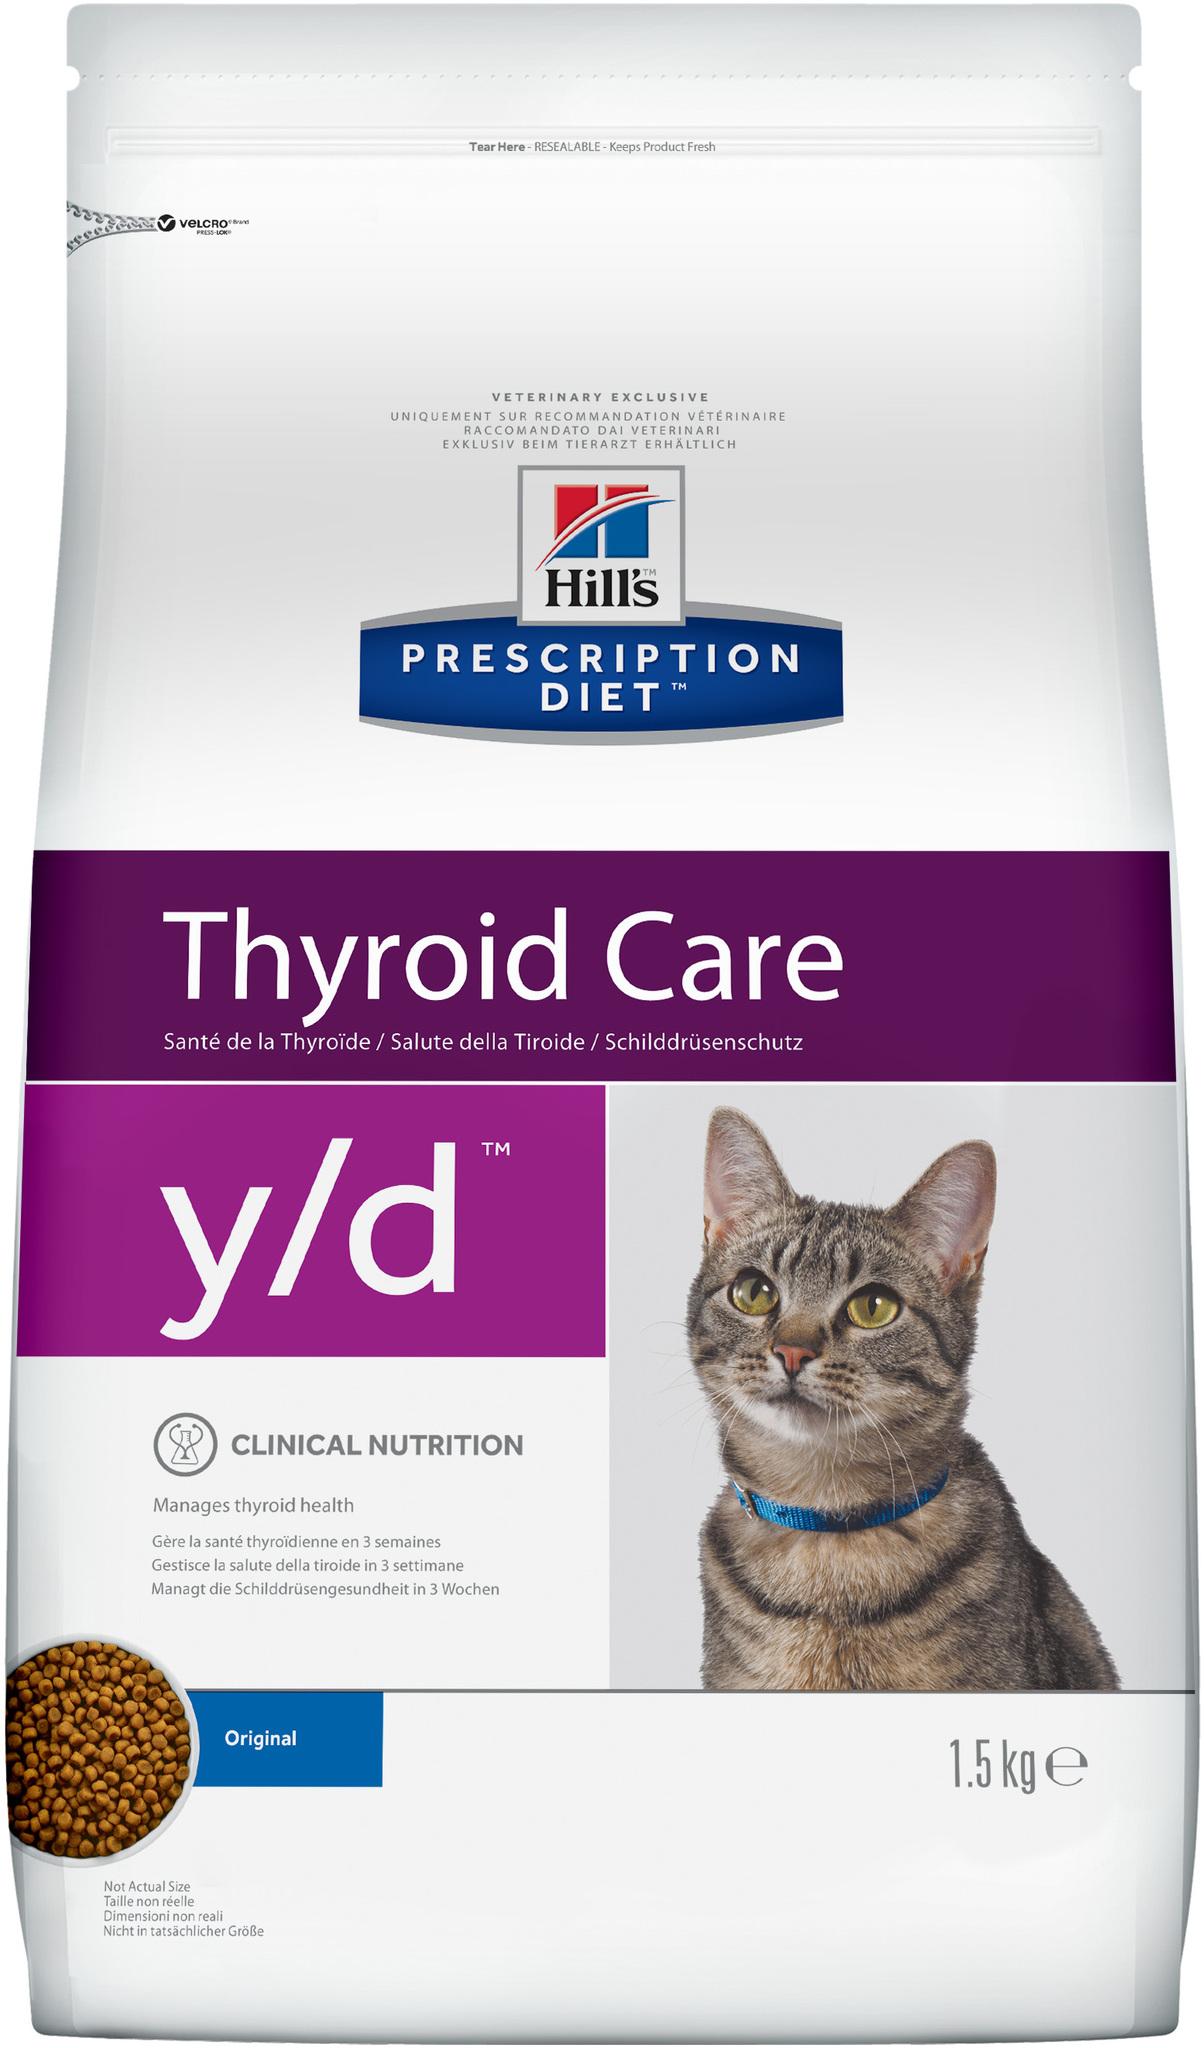 купить хиллс Hill's™ Prescription Diet™ Feline y/d™ Thyroid Care сухой корм для взрослых кошек, диетический рацион при гипертиреозе 1.5 кг